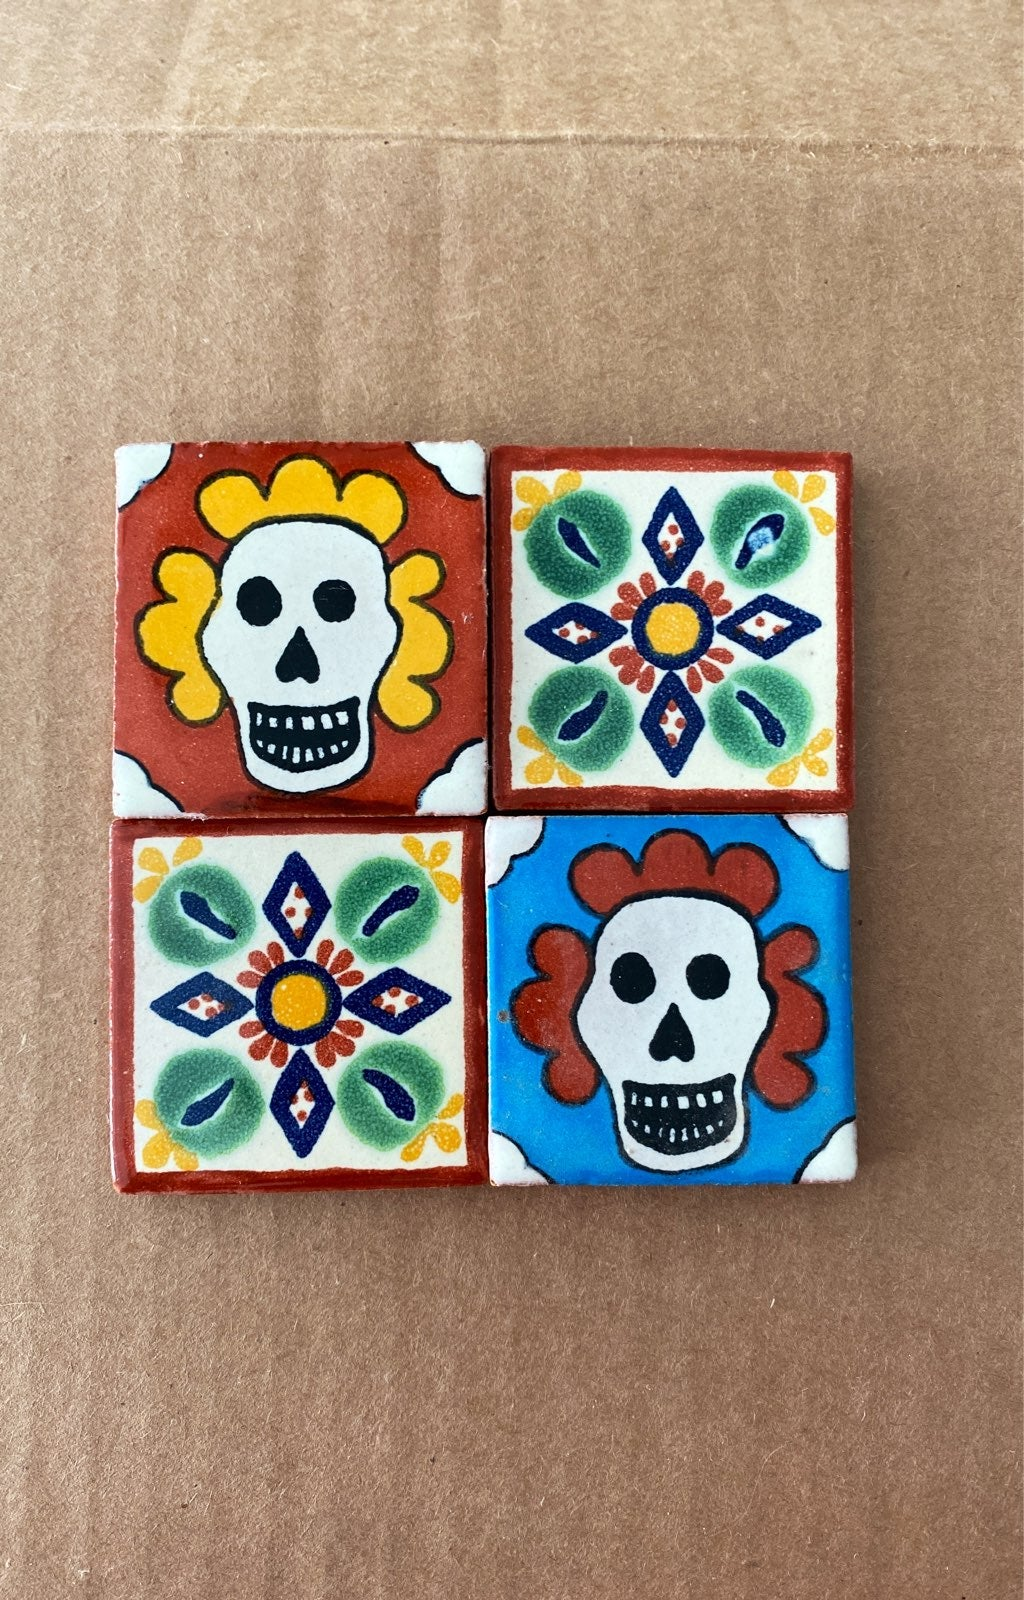 Mexican talavera tiles